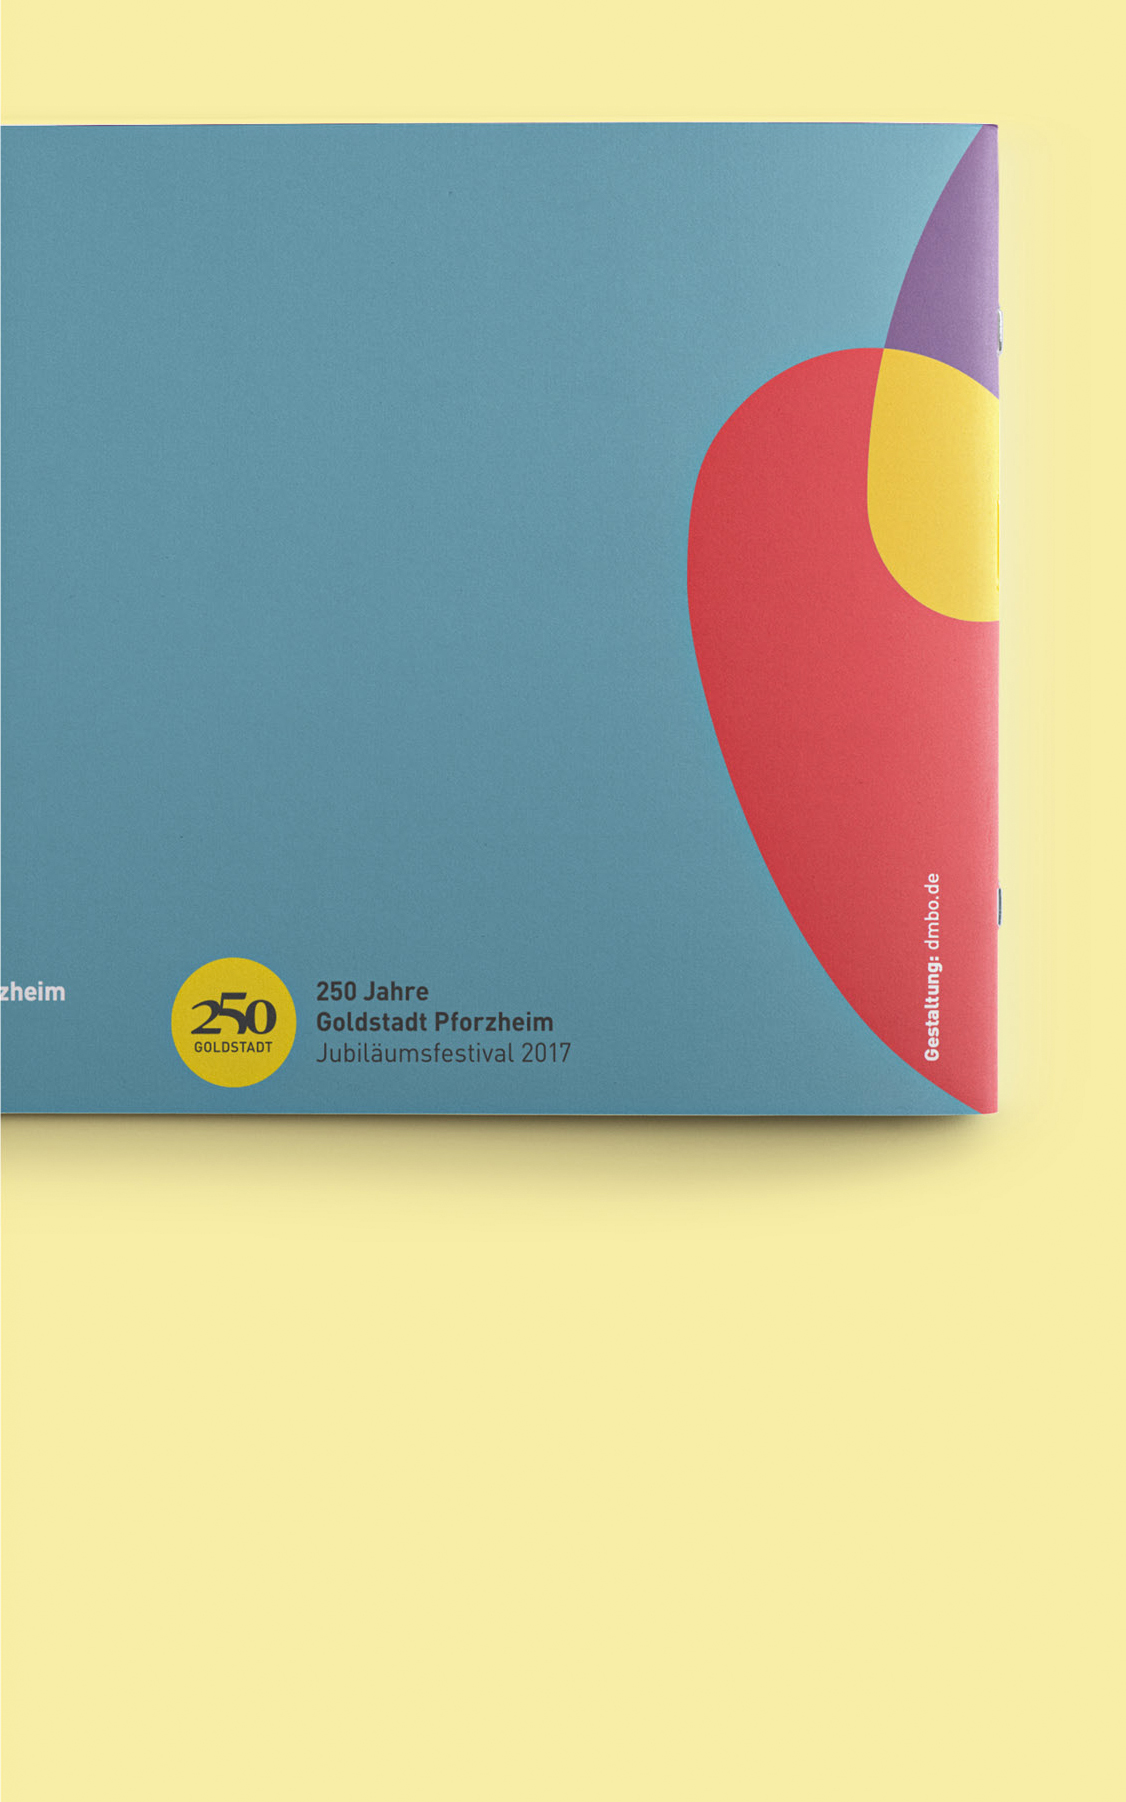 4DMBO-Studio-für-Gestaltung-Internationaler-museumstag-pforzheim